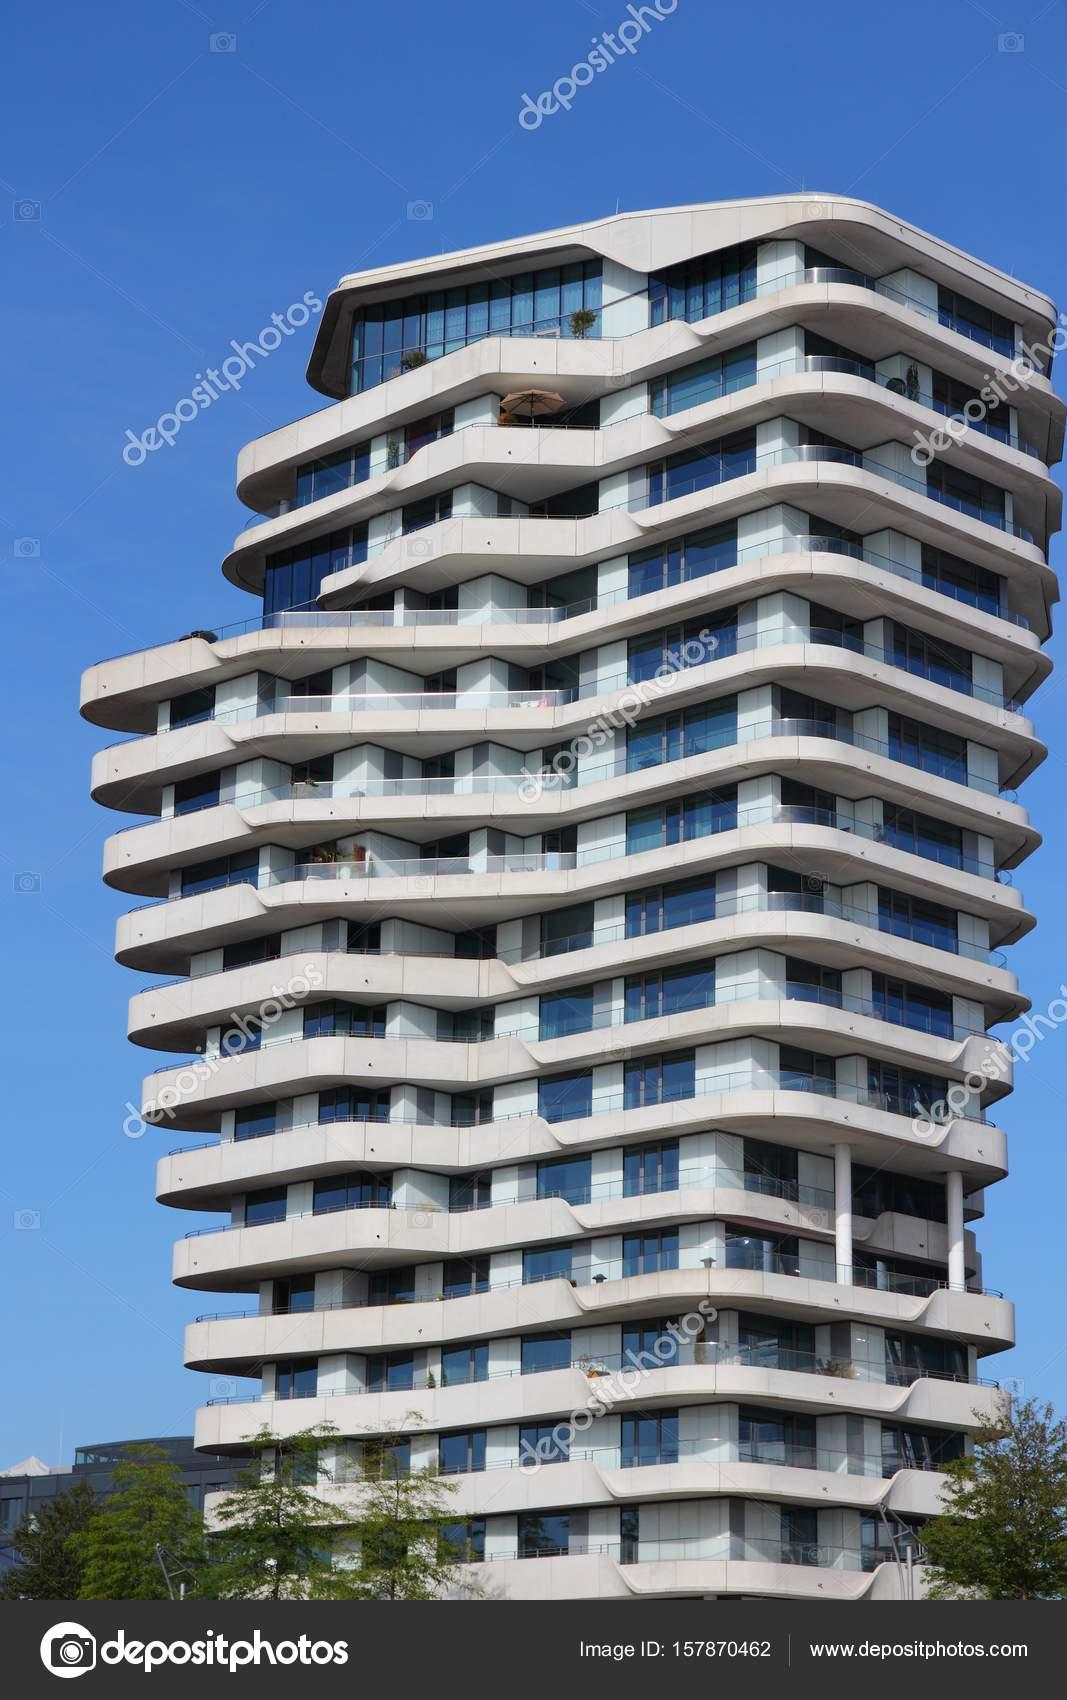 1669d164e41d August 2014: Marco Polo Tower futuristische Wohngebäude in der Hamburger  Hafencity Bezirk. Es wurde von Behnisch Architekten entworfen. — Foto von  tupungato